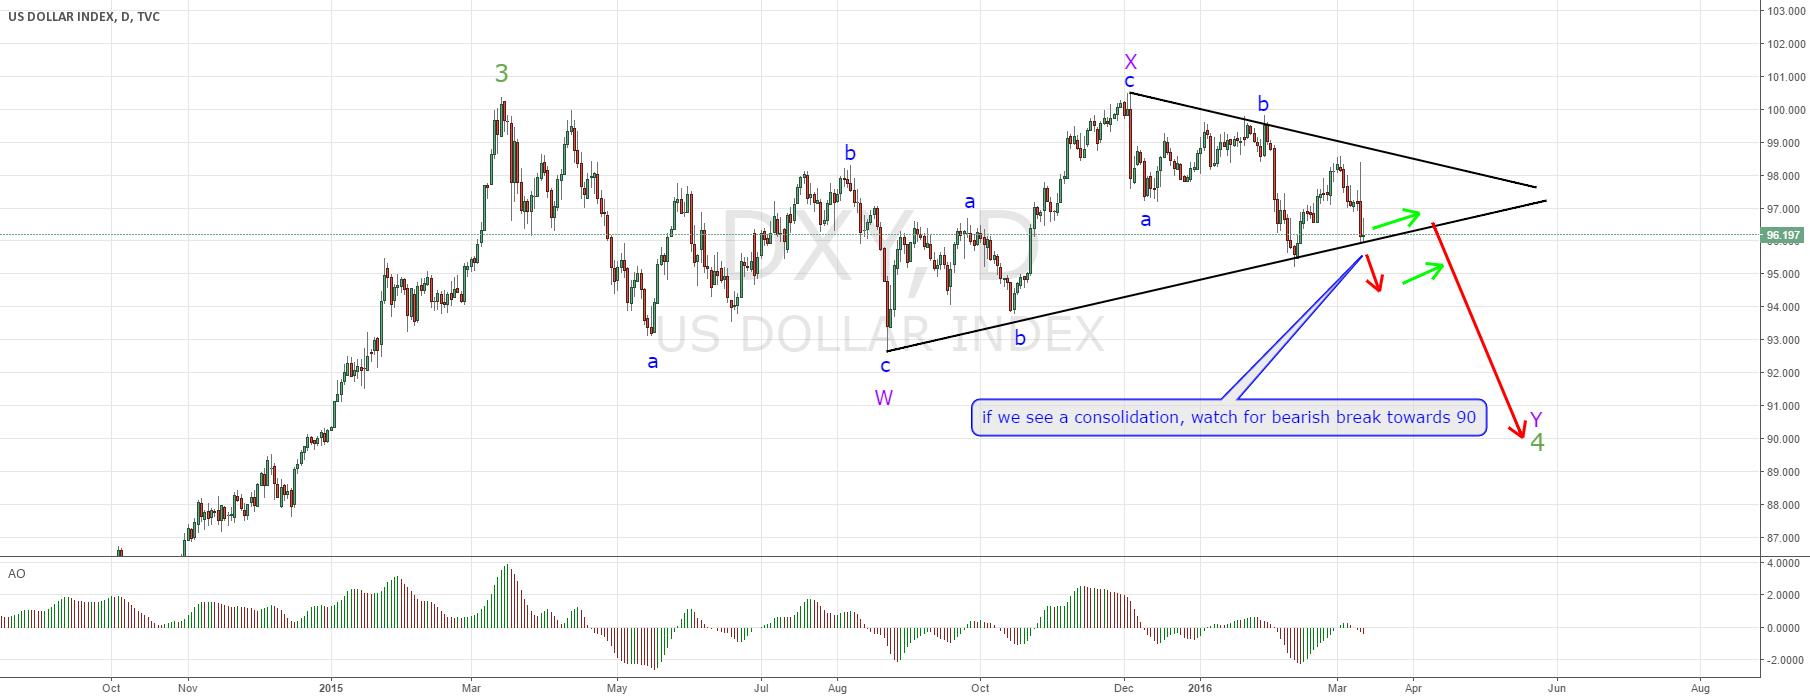 Dollar index short